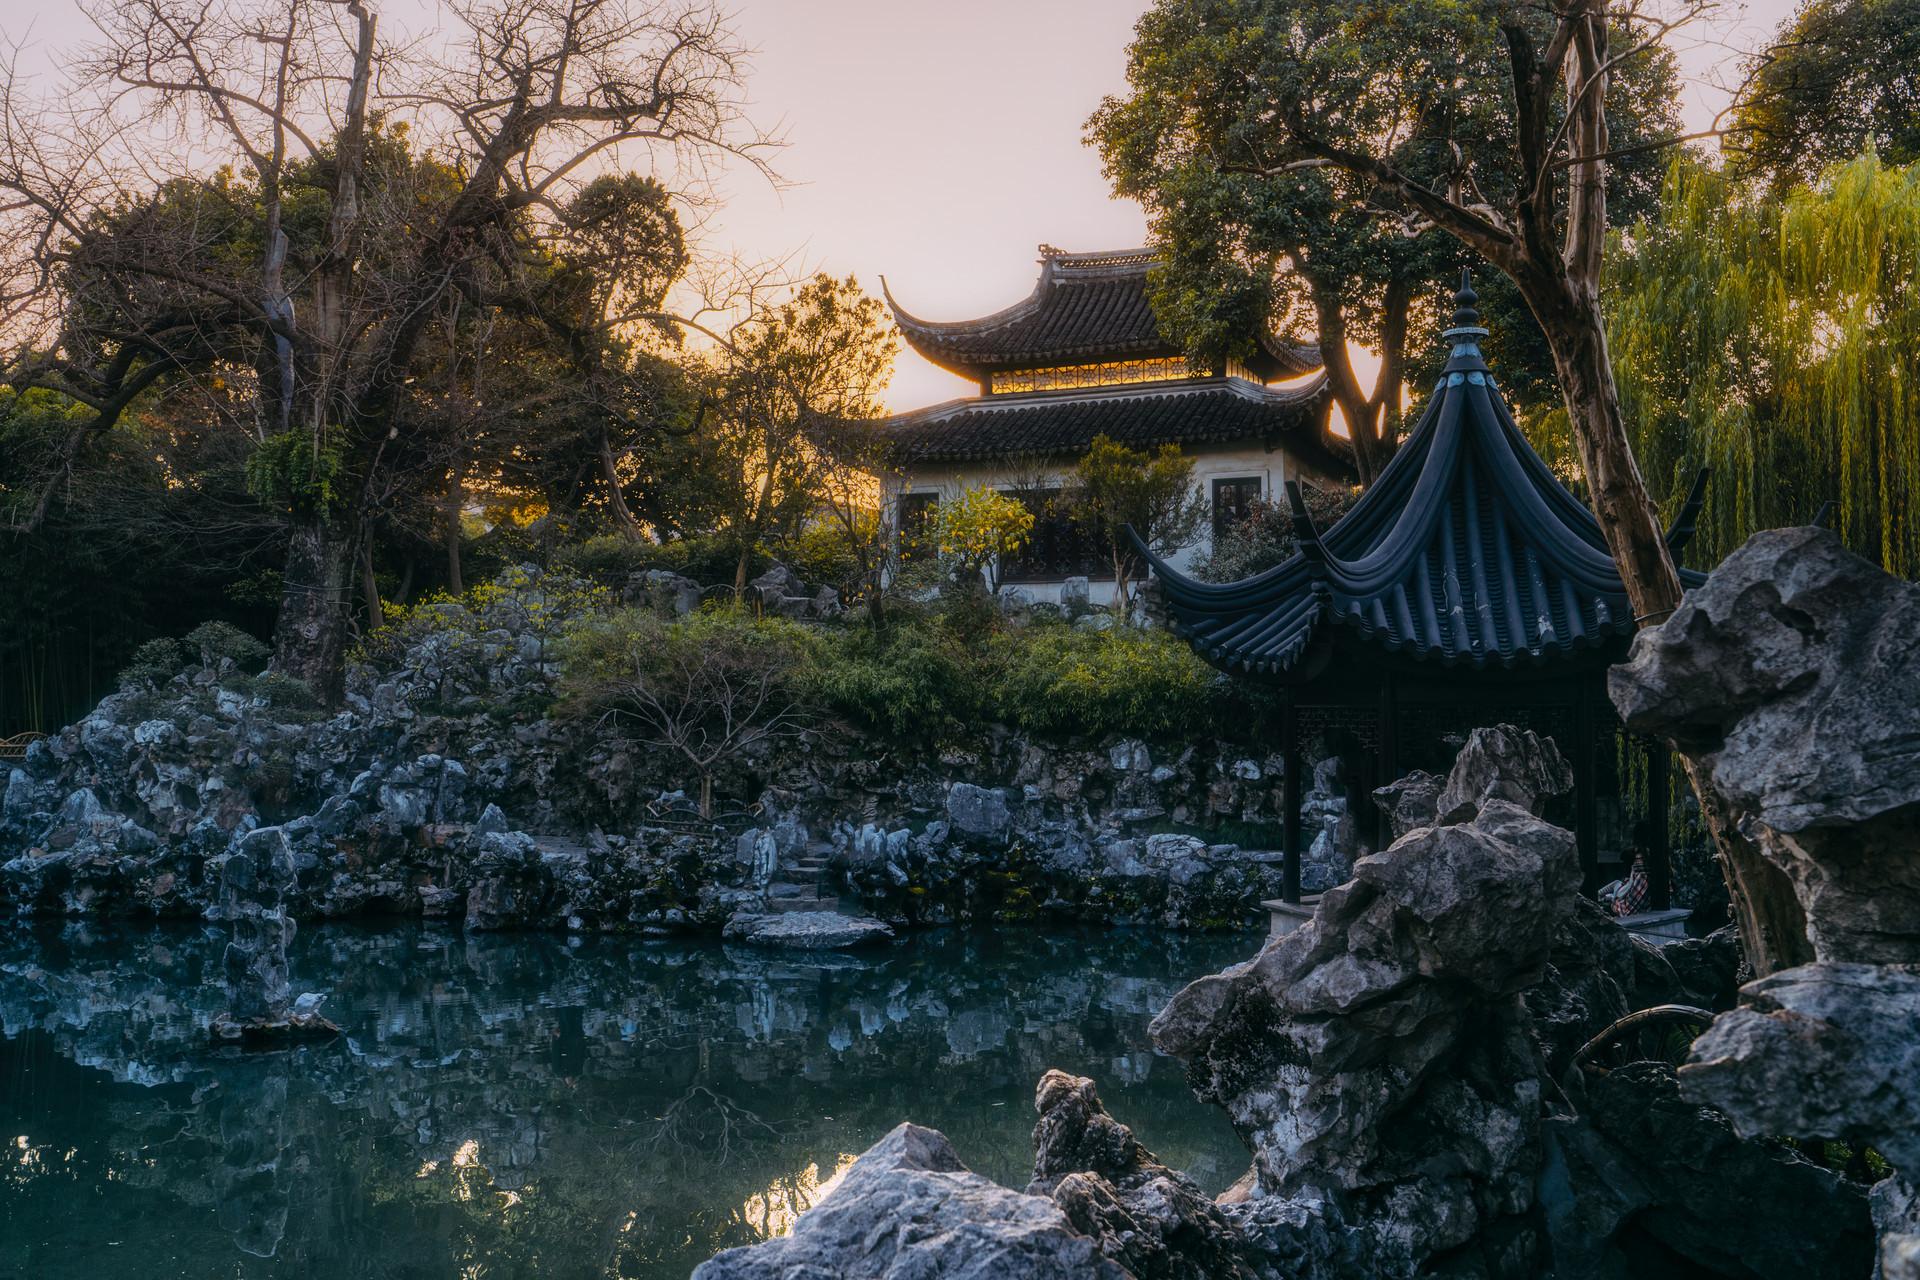 苏州姑苏区:让历史文化名城在新时代熠熠生辉